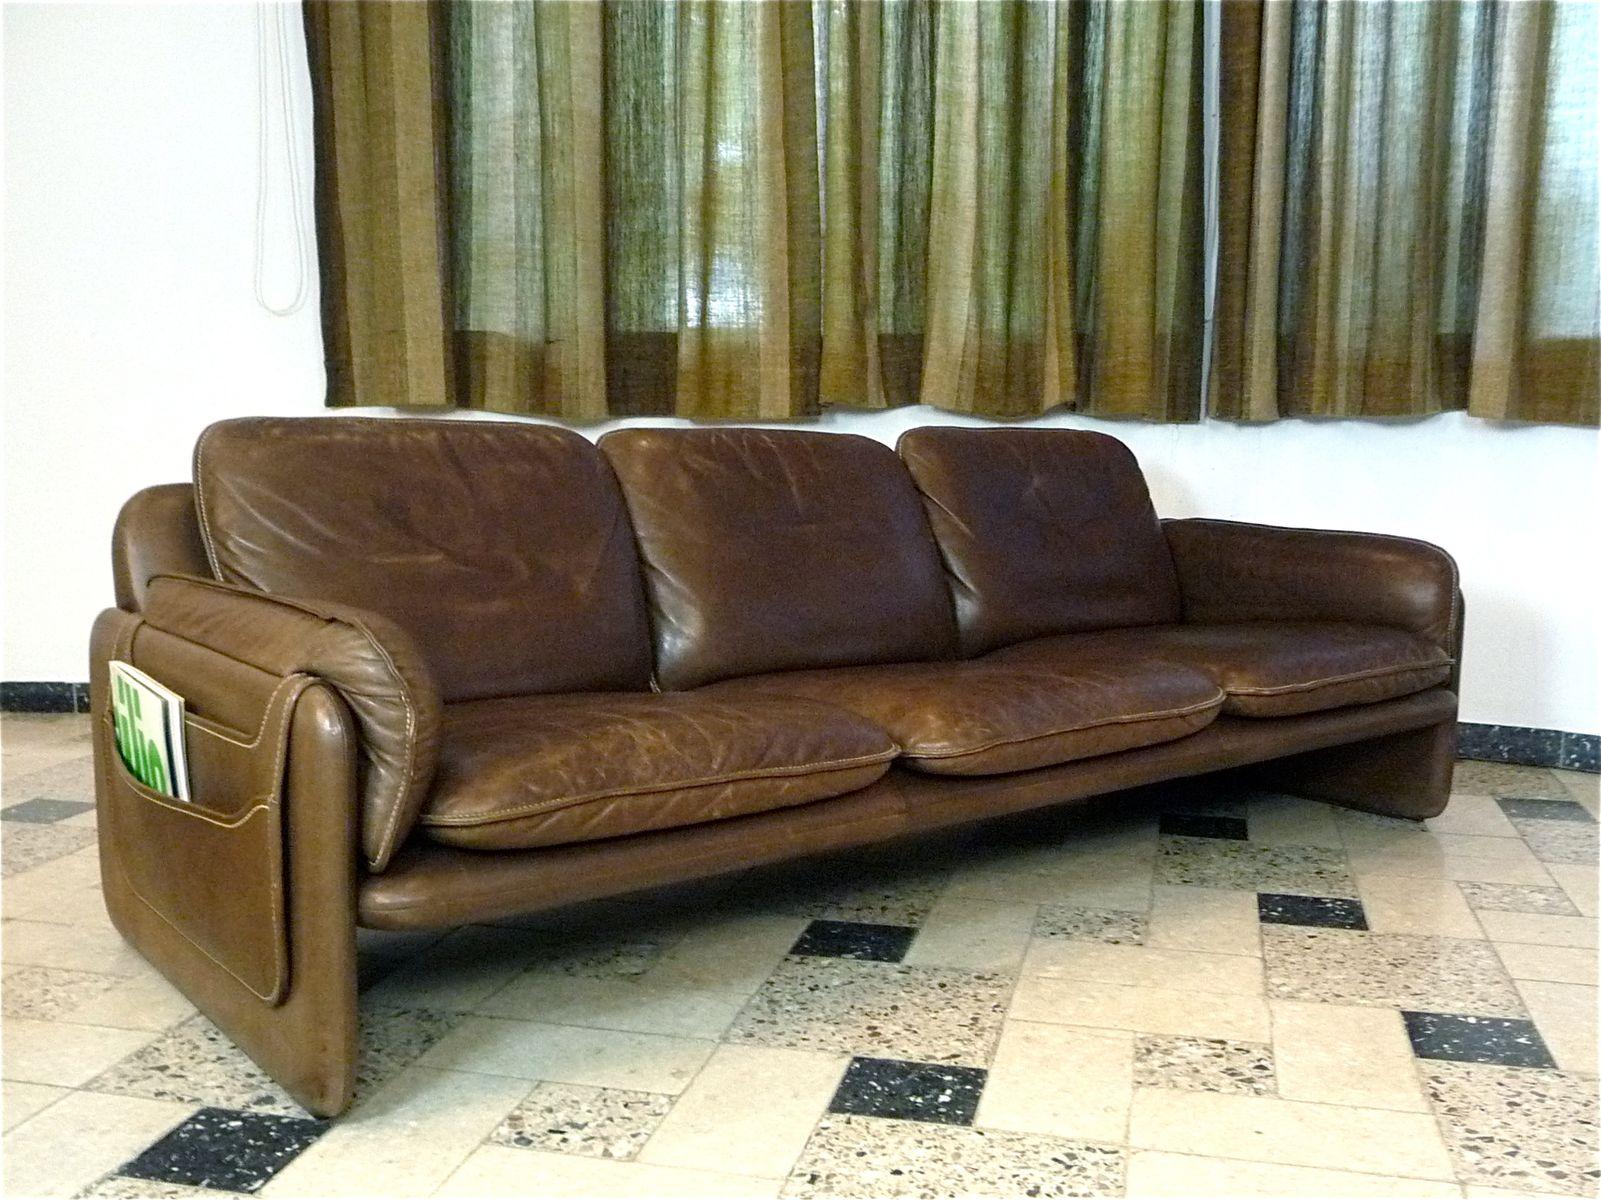 schweizer ds61 drei sitzer ledersofa von de sede 1960er bei pamono kaufen. Black Bedroom Furniture Sets. Home Design Ideas